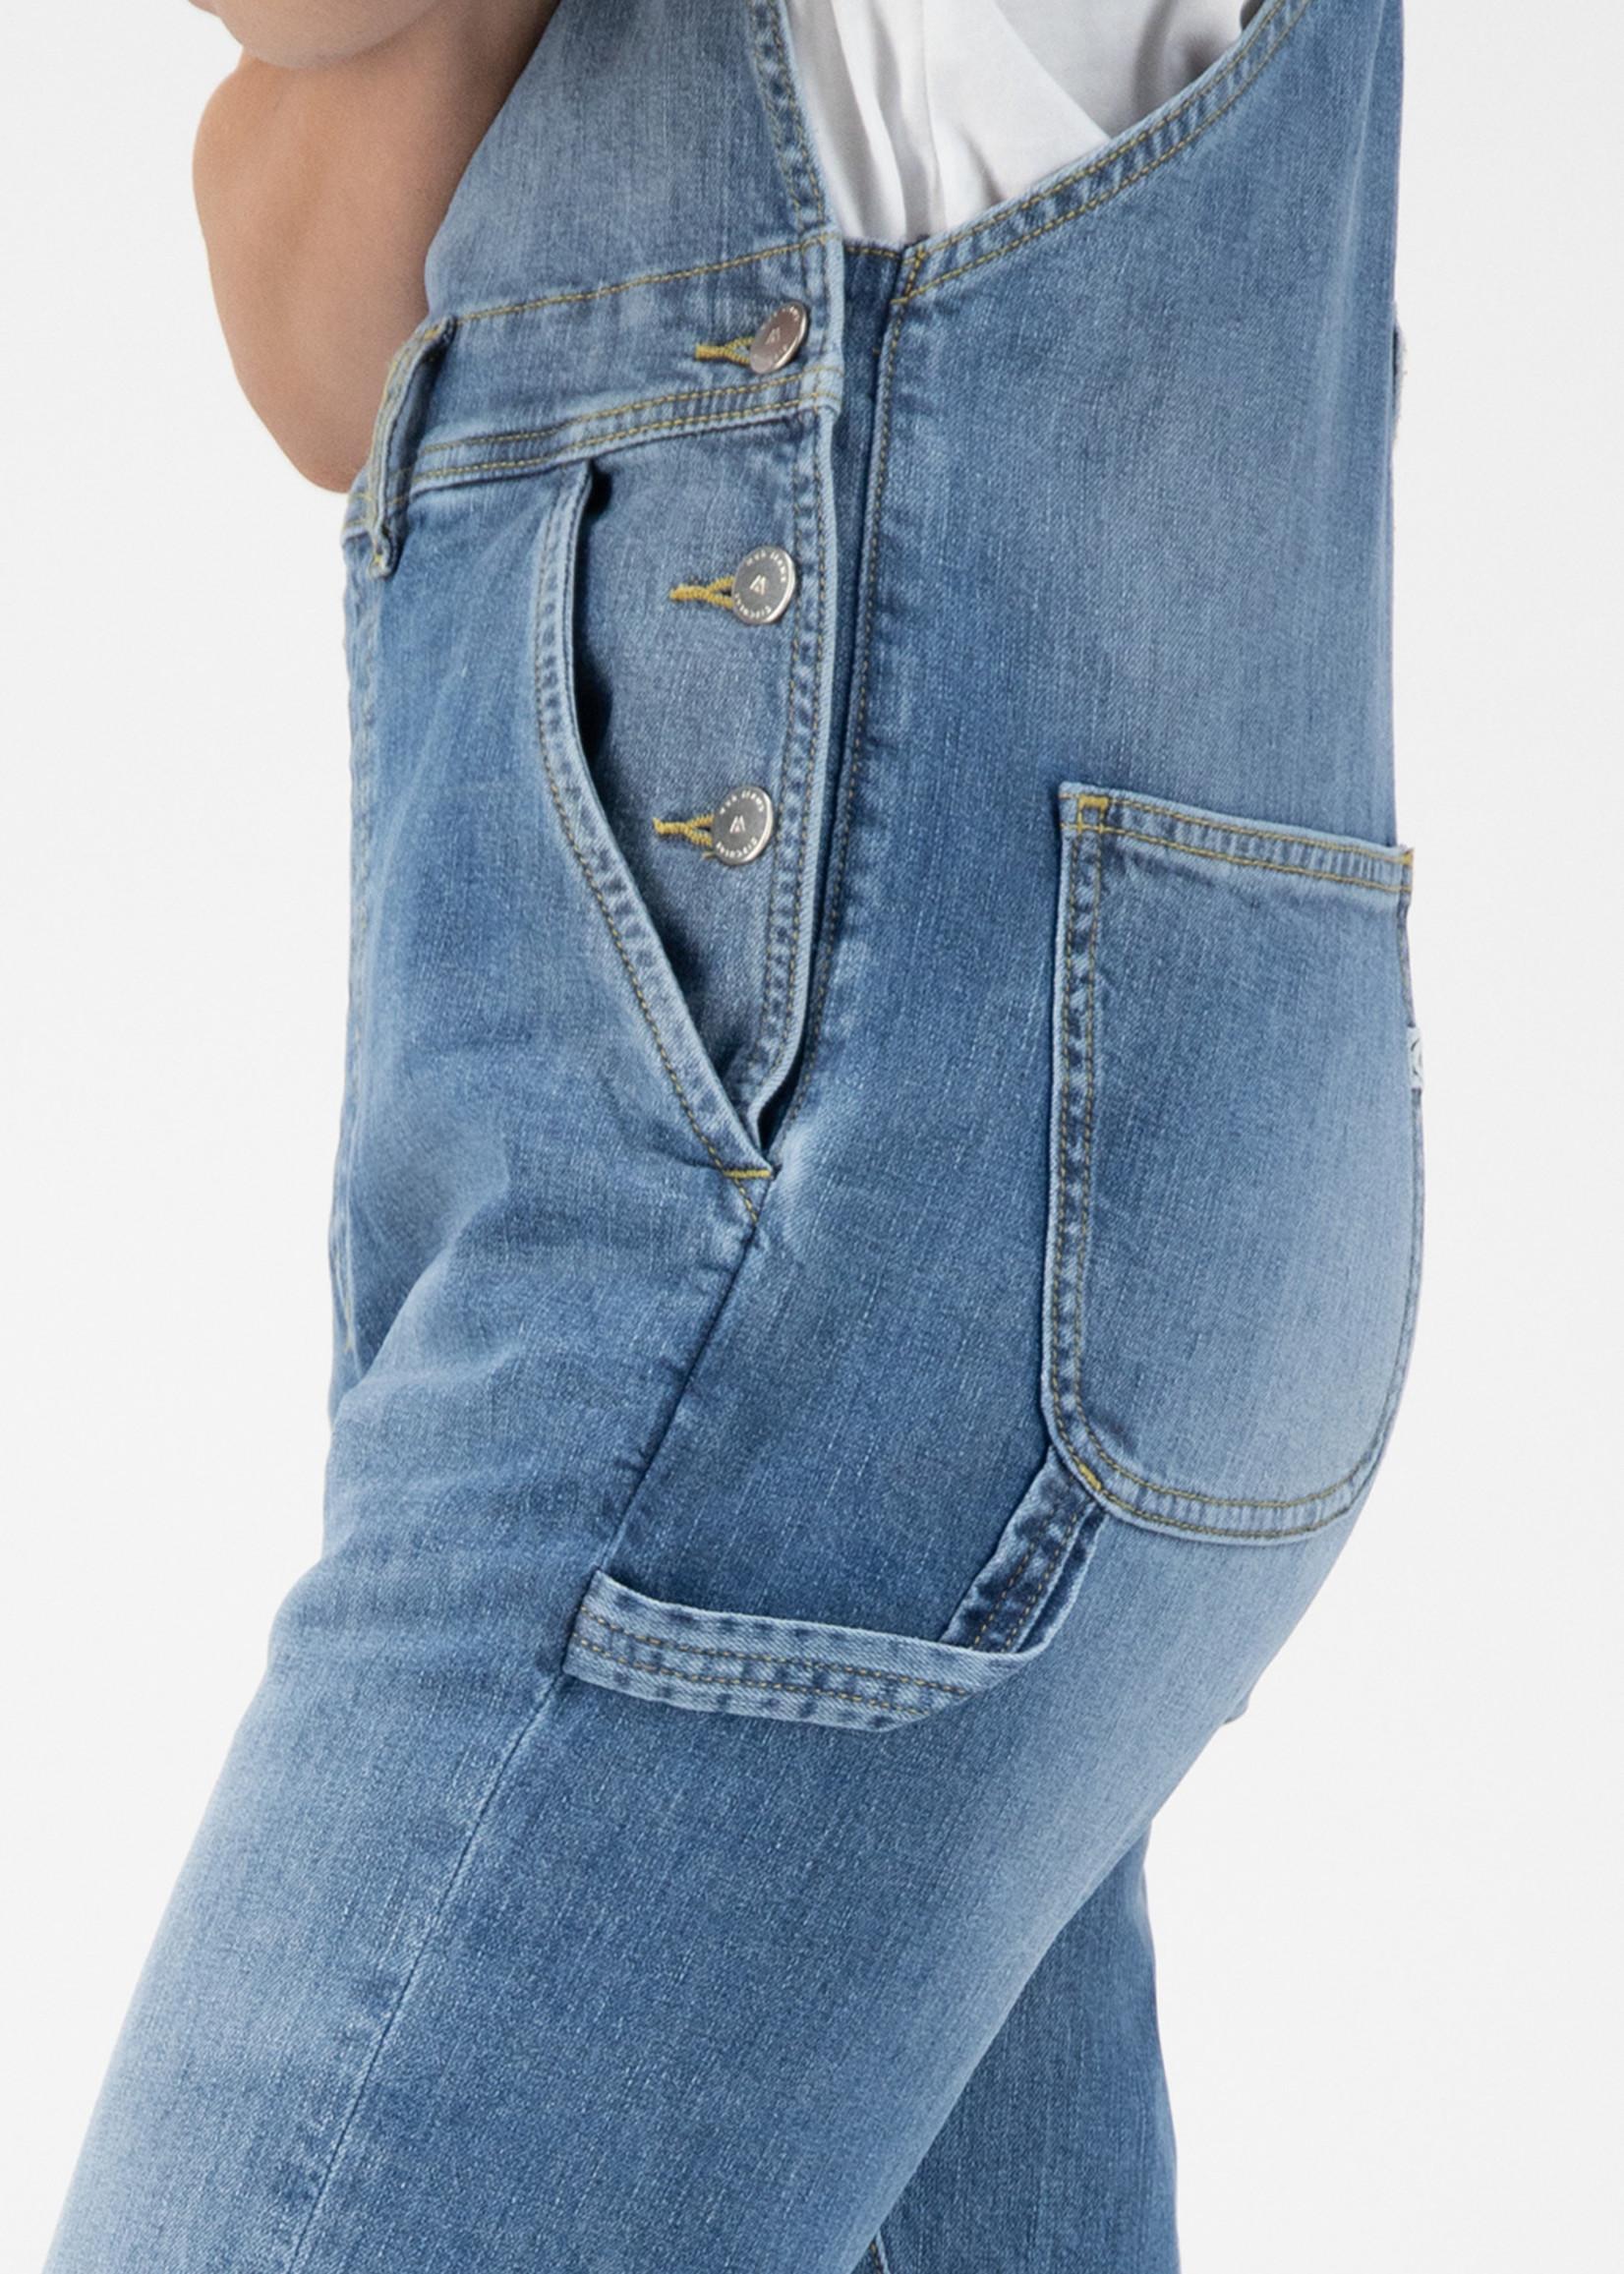 MUD Jeans MUD Jeans - Jenn Dungaree - Old Stone